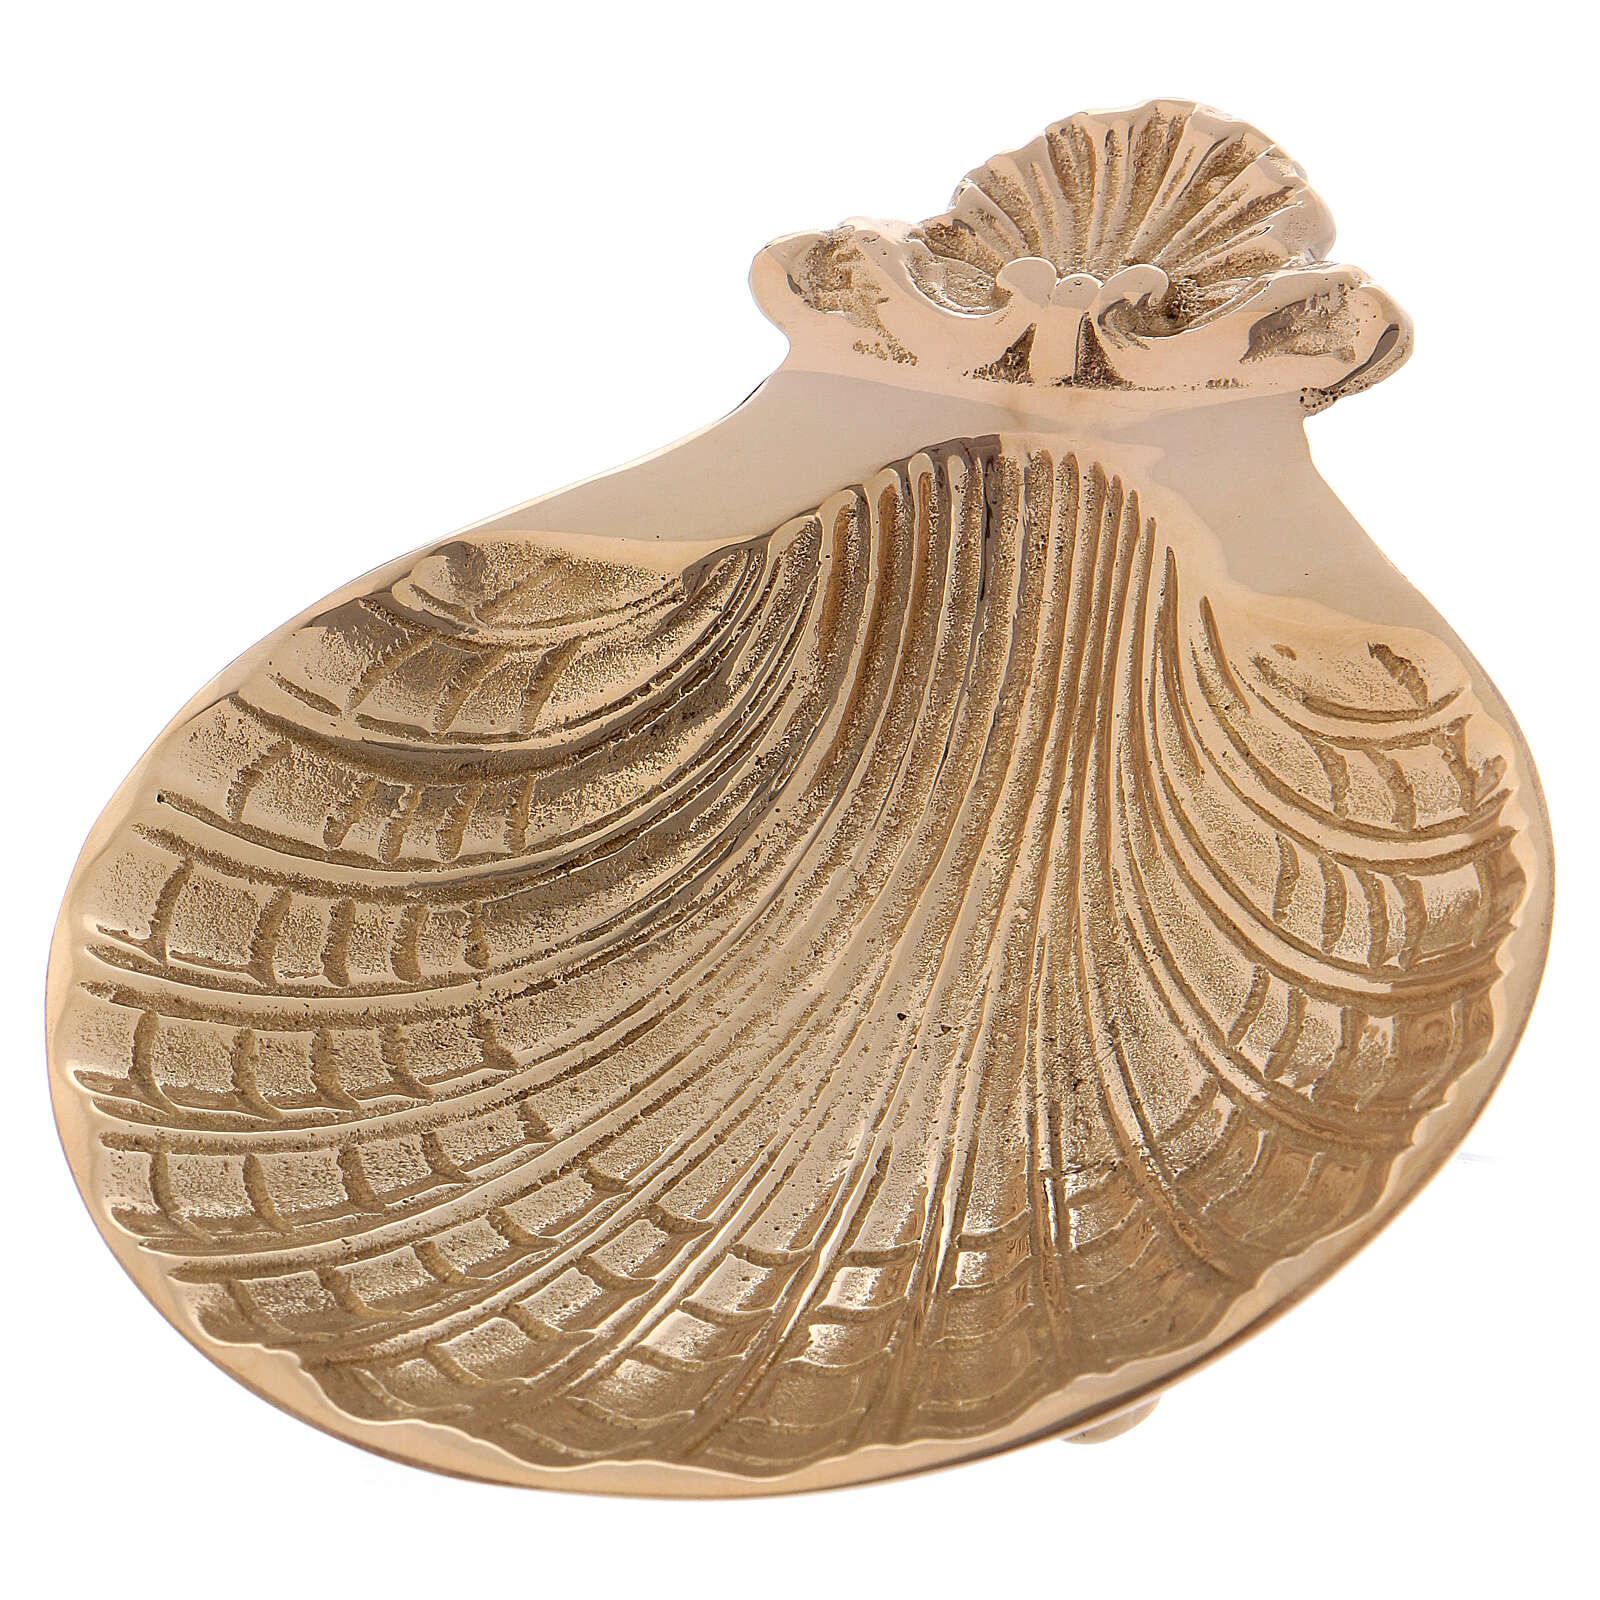 Muschelschale fűr die Taufe aus vergoldetem Messing mit drei Fűßchen, 13 x 11 cm 3